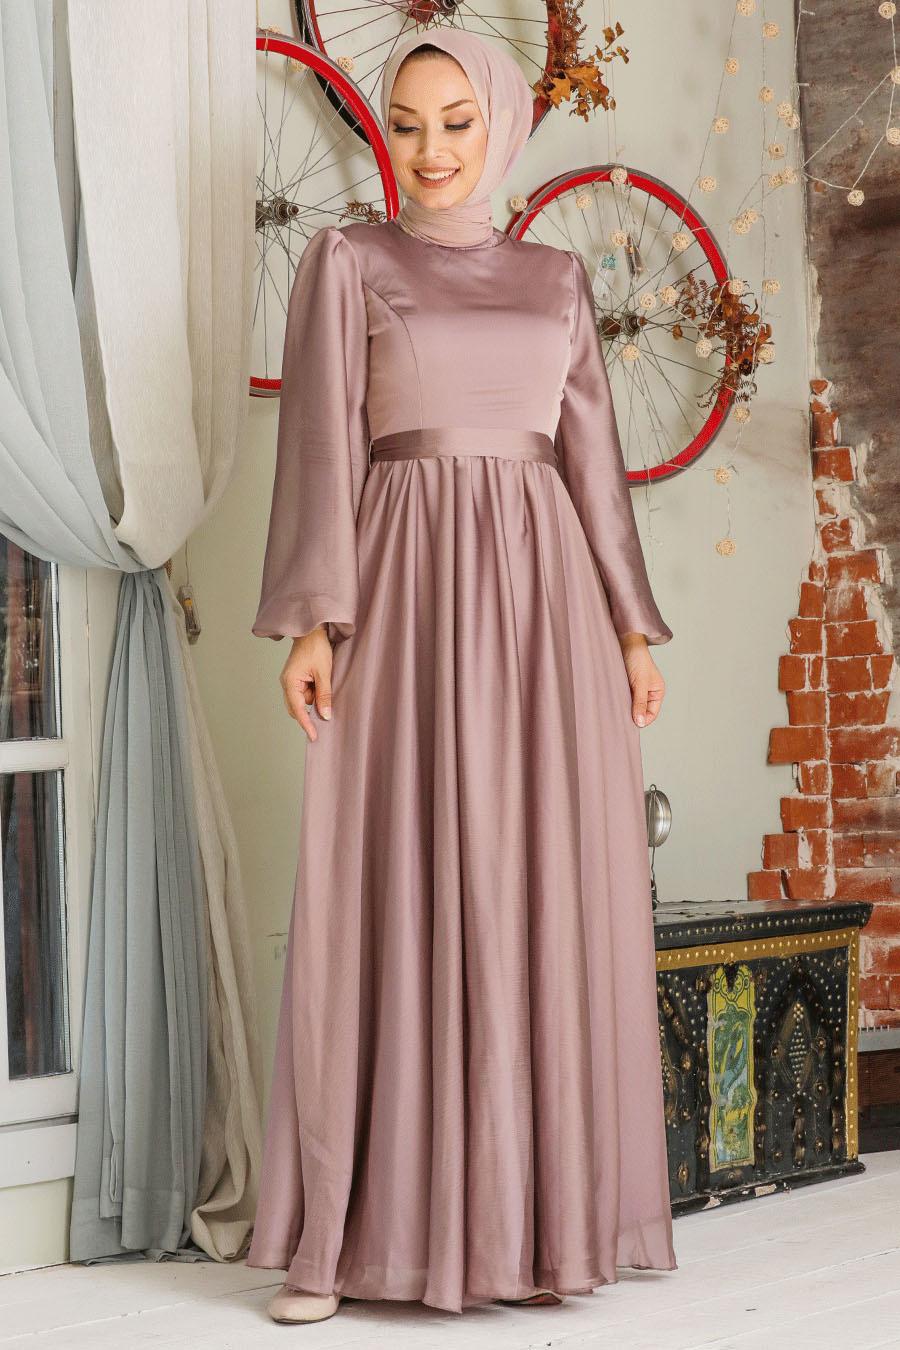 Tesettürlü Abiye Elbise - Balon Kol Vizon Tesettür Abiye Elbise 5215V